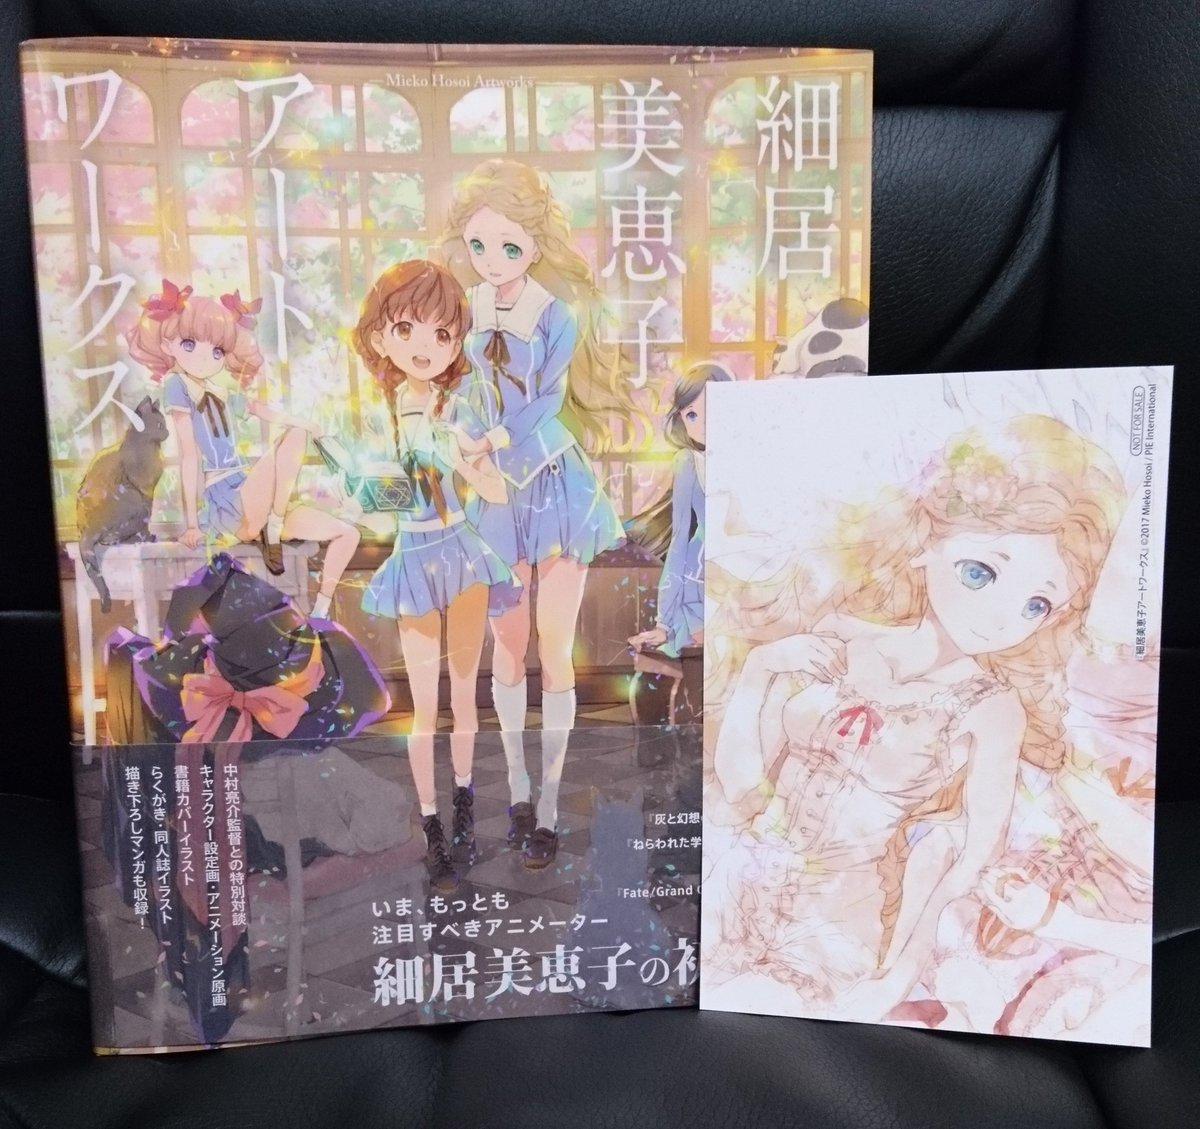 細居美恵子さんの画集とても良かった。バッテリーとかグリムガルとか版権中心だけど作品ごとに細居さんのコメントがついていて読